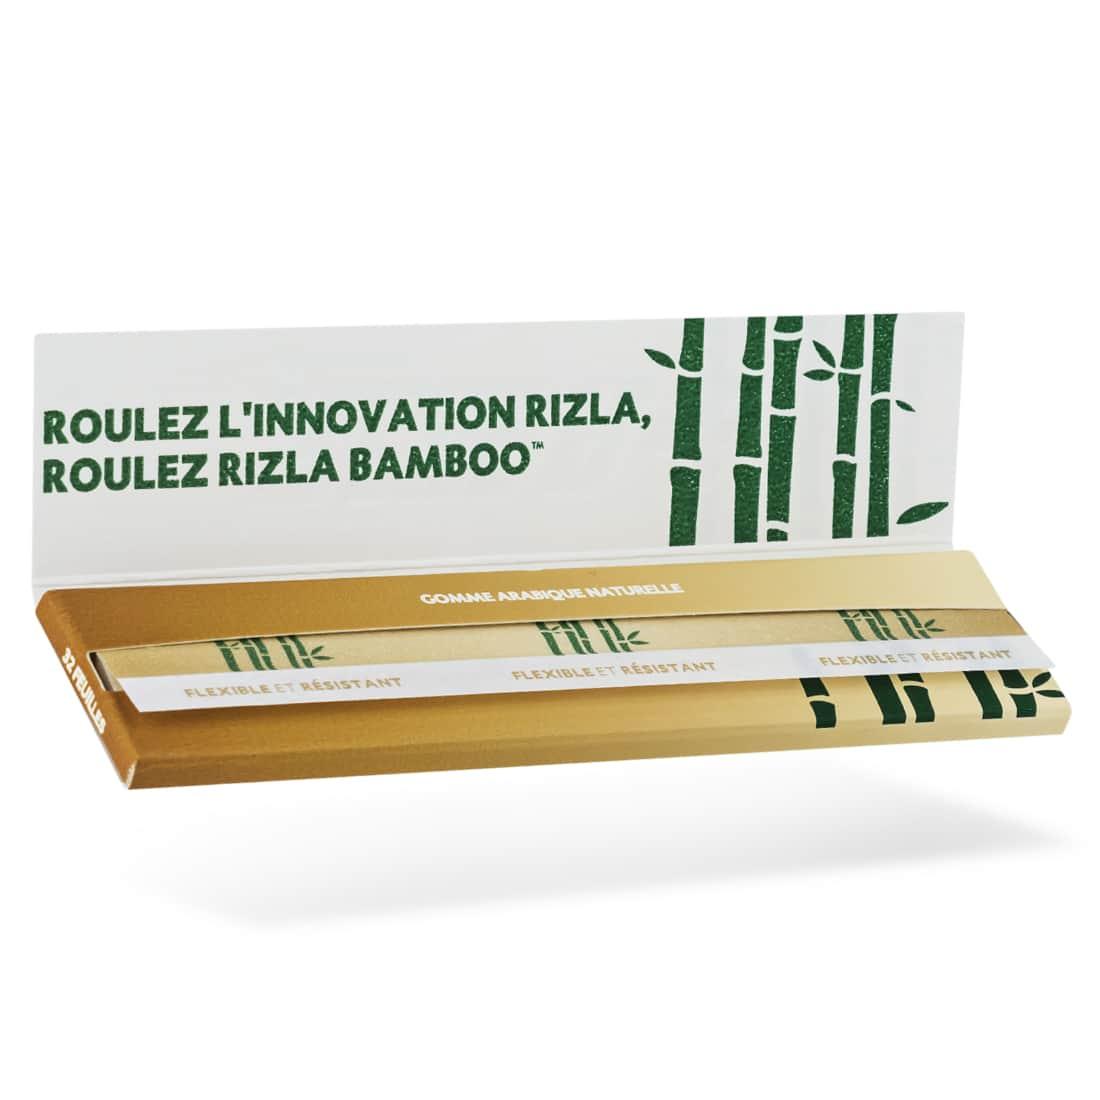 Photo #1 de Papier à rouler Rizla + Bamboo slim x 50